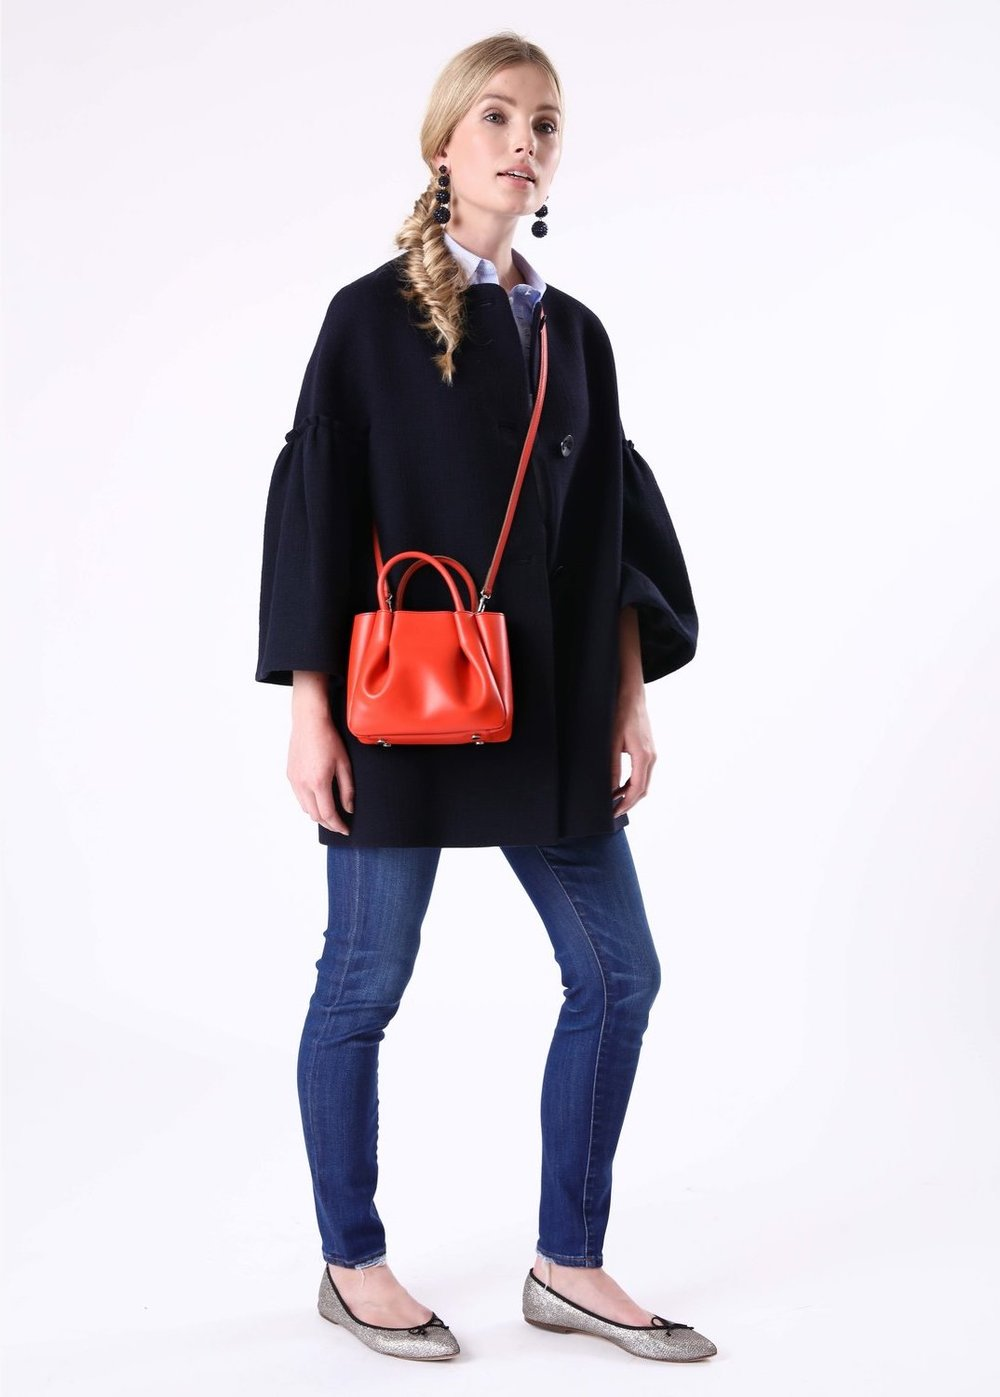 Alexandra+de+Curtis_Mini+Ruched+Tote+Orange+strap+square.jpg